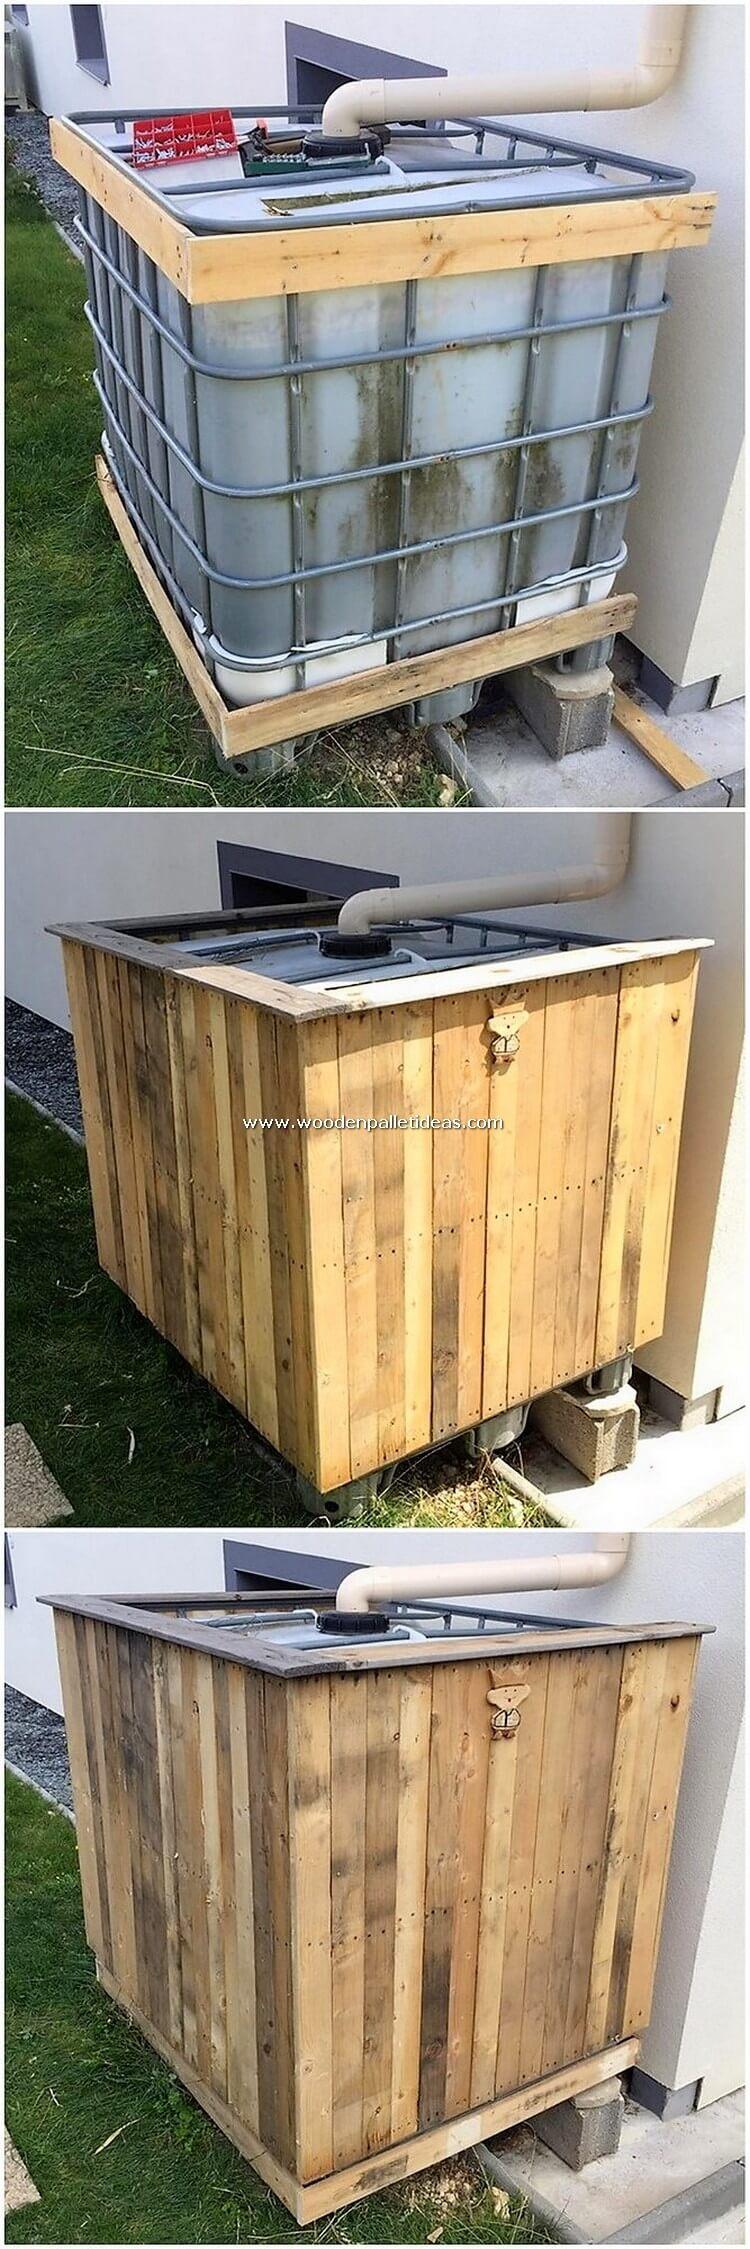 DIY-Pallet-Water-Tank-Frame